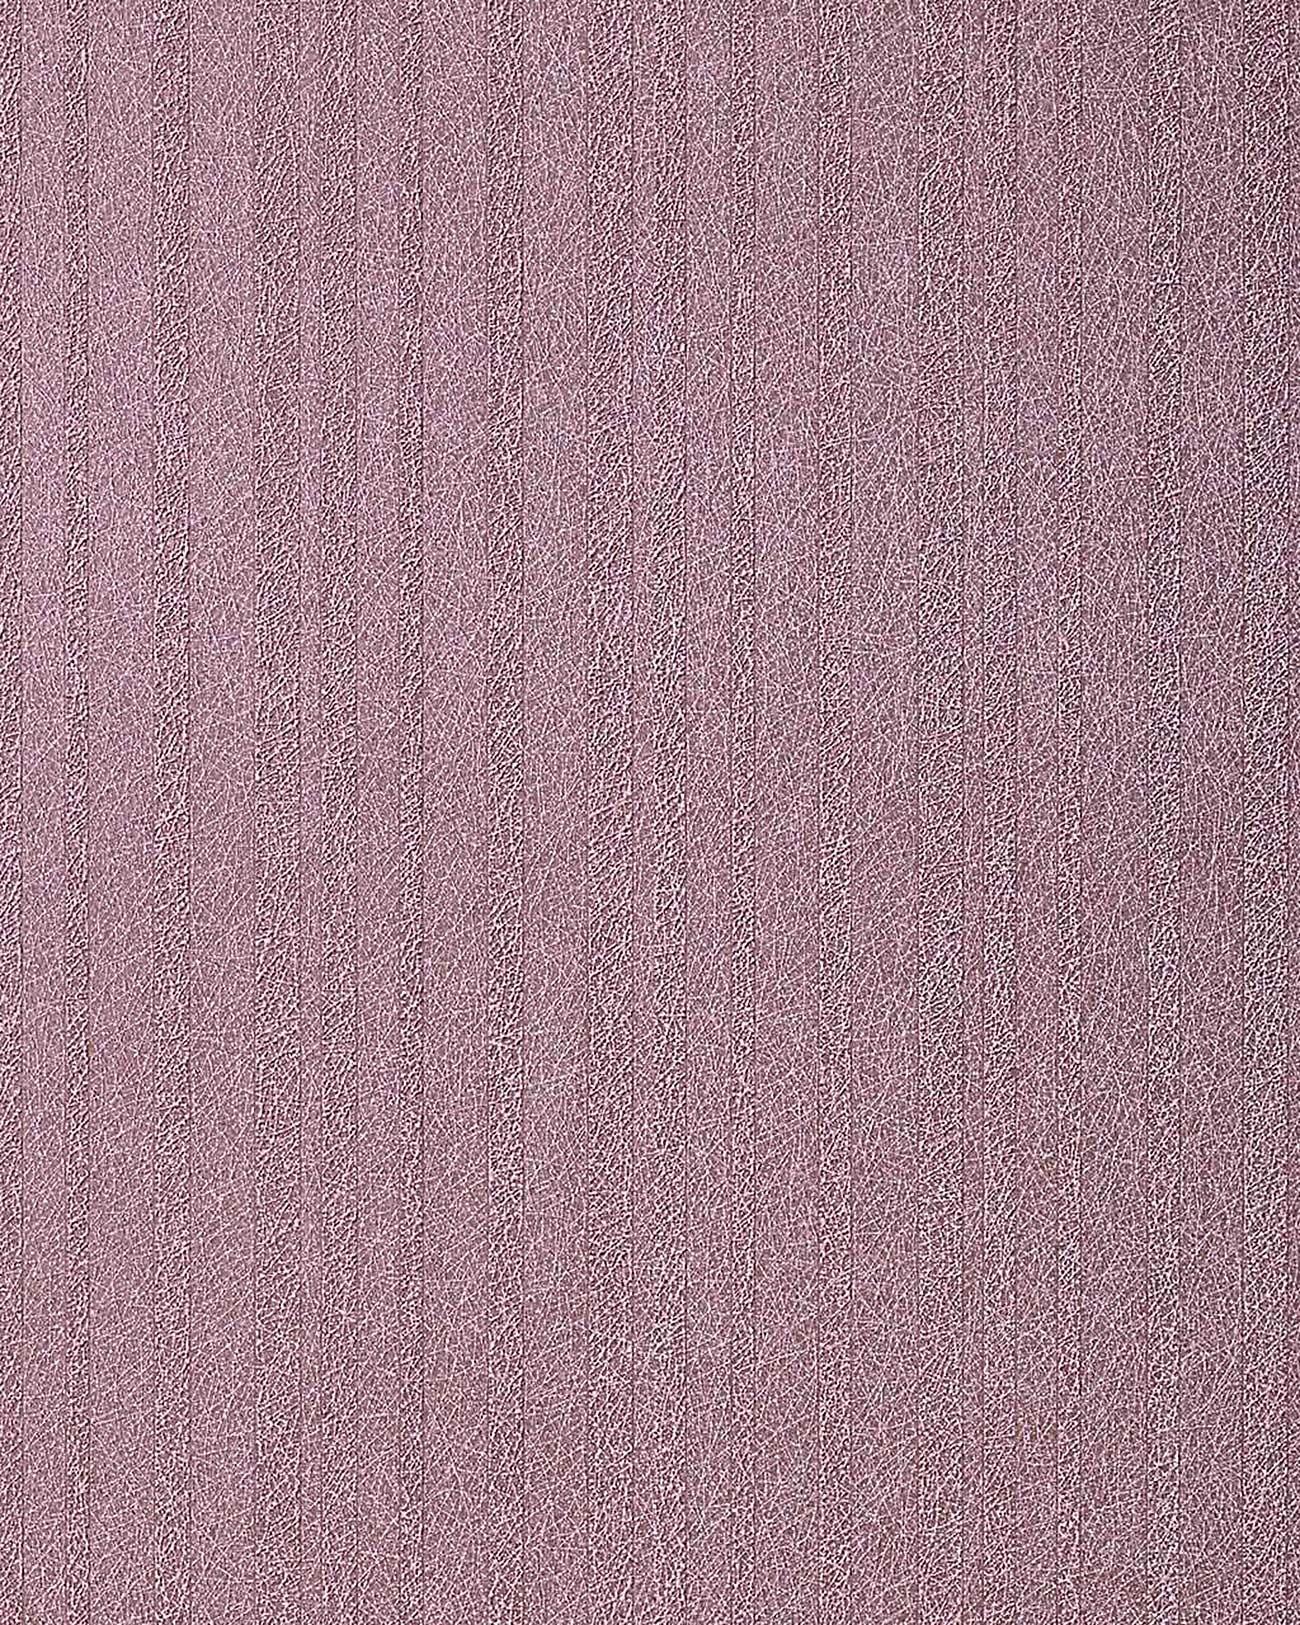 Vinylbehang structuur behang edem 1015 14 reli f behang for Structuur behang